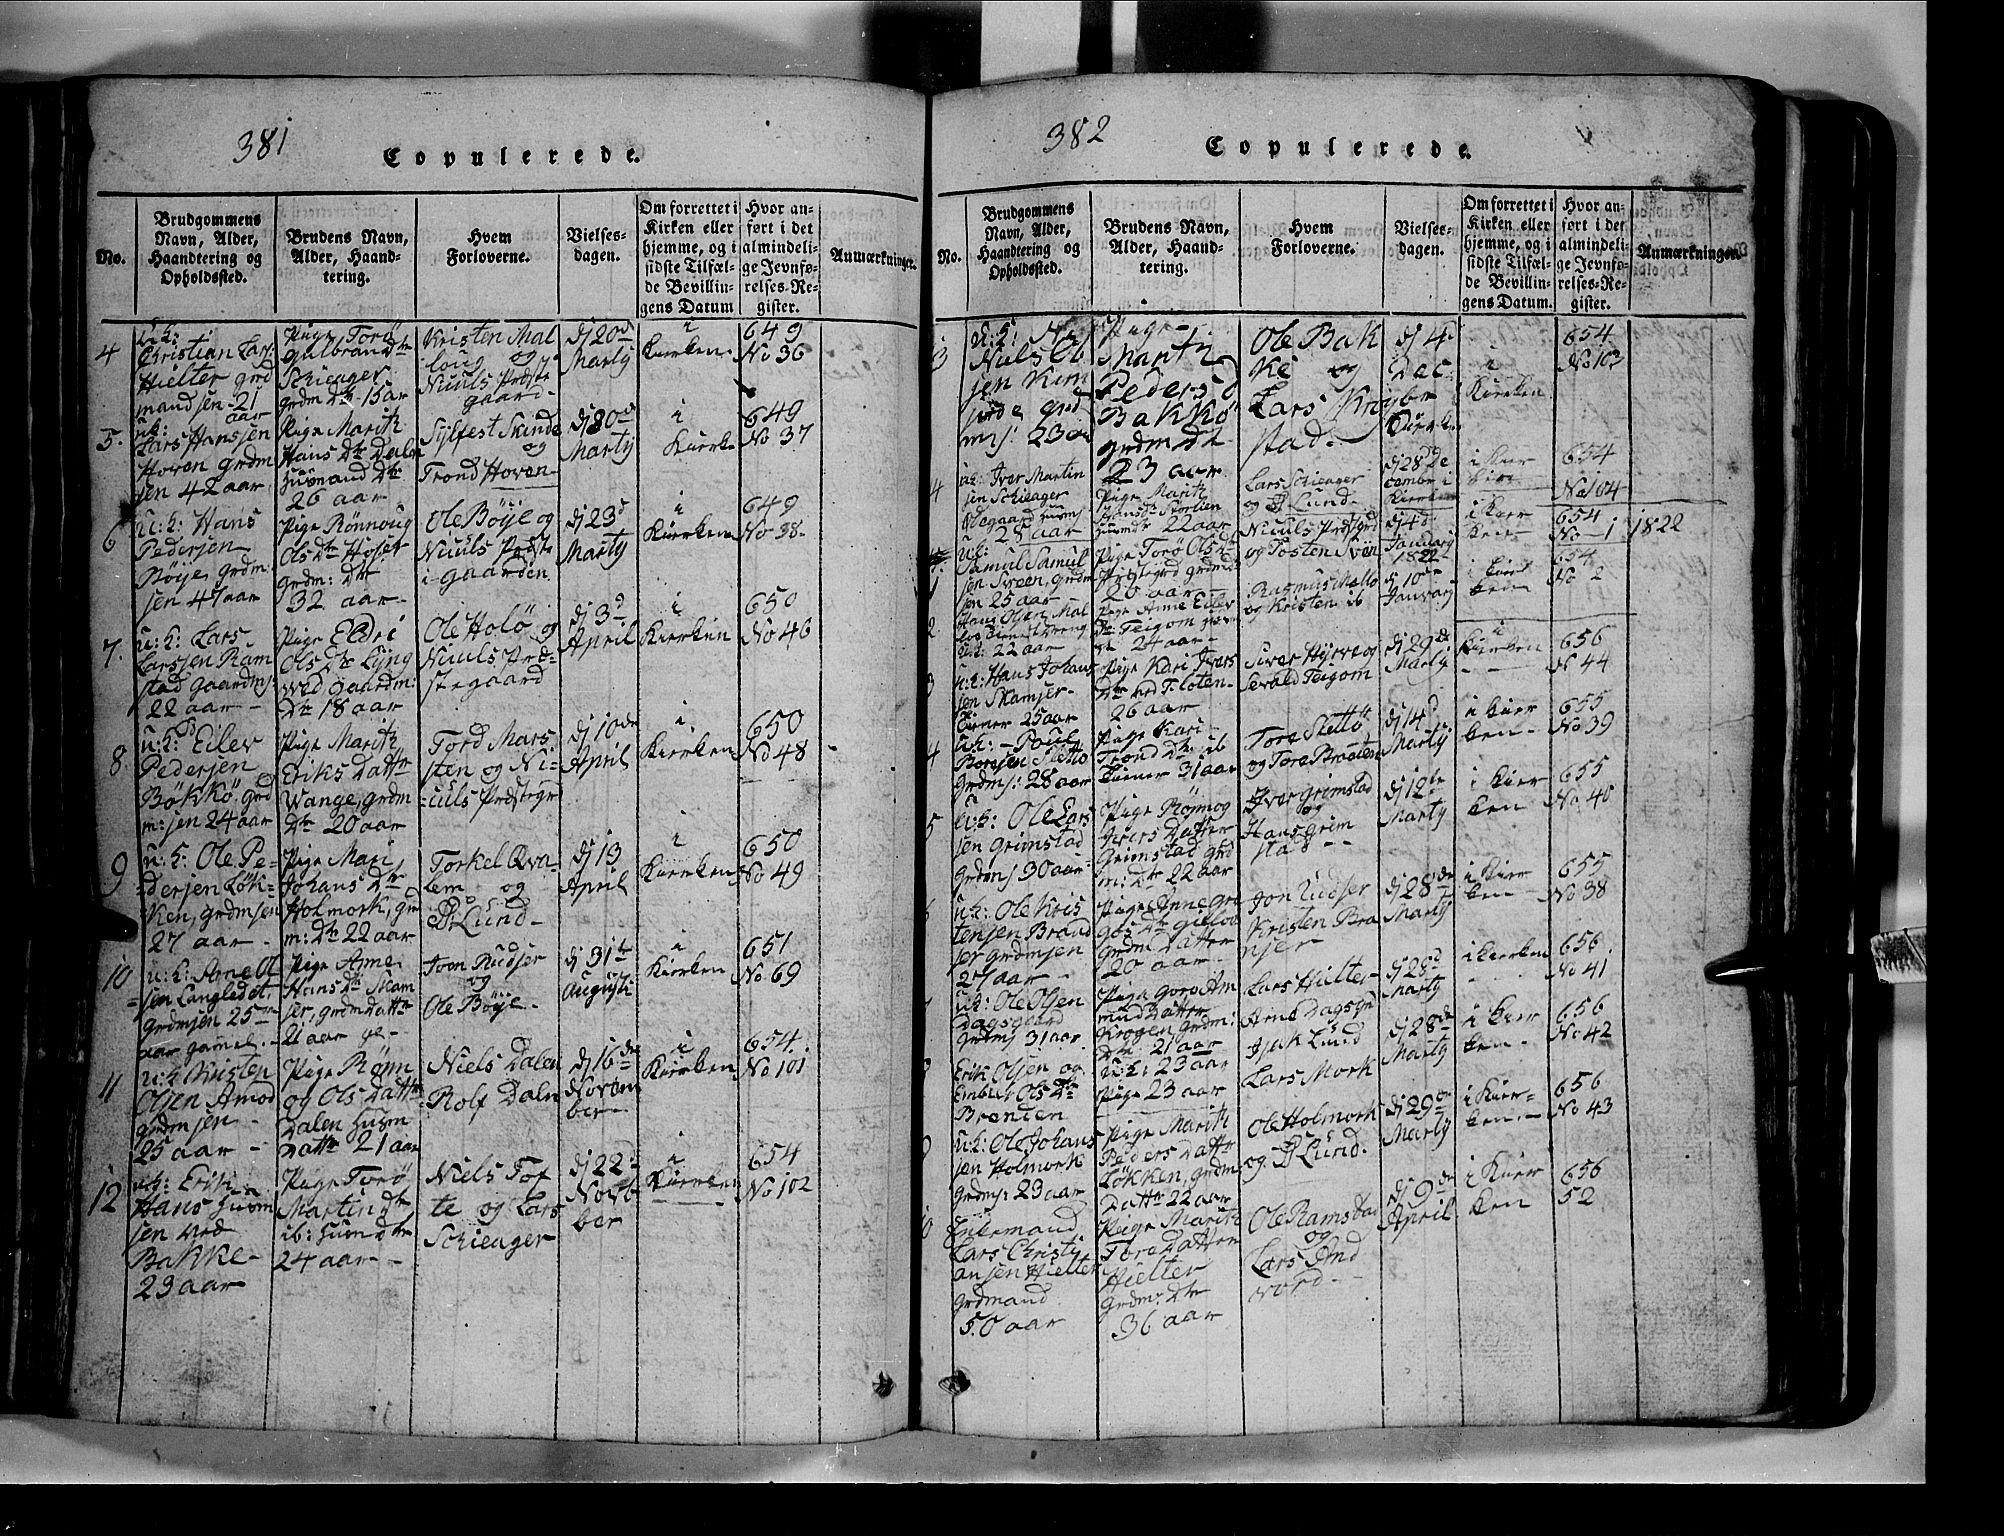 SAH, Lom prestekontor, L/L0003: Klokkerbok nr. 3, 1815-1844, s. 381-382